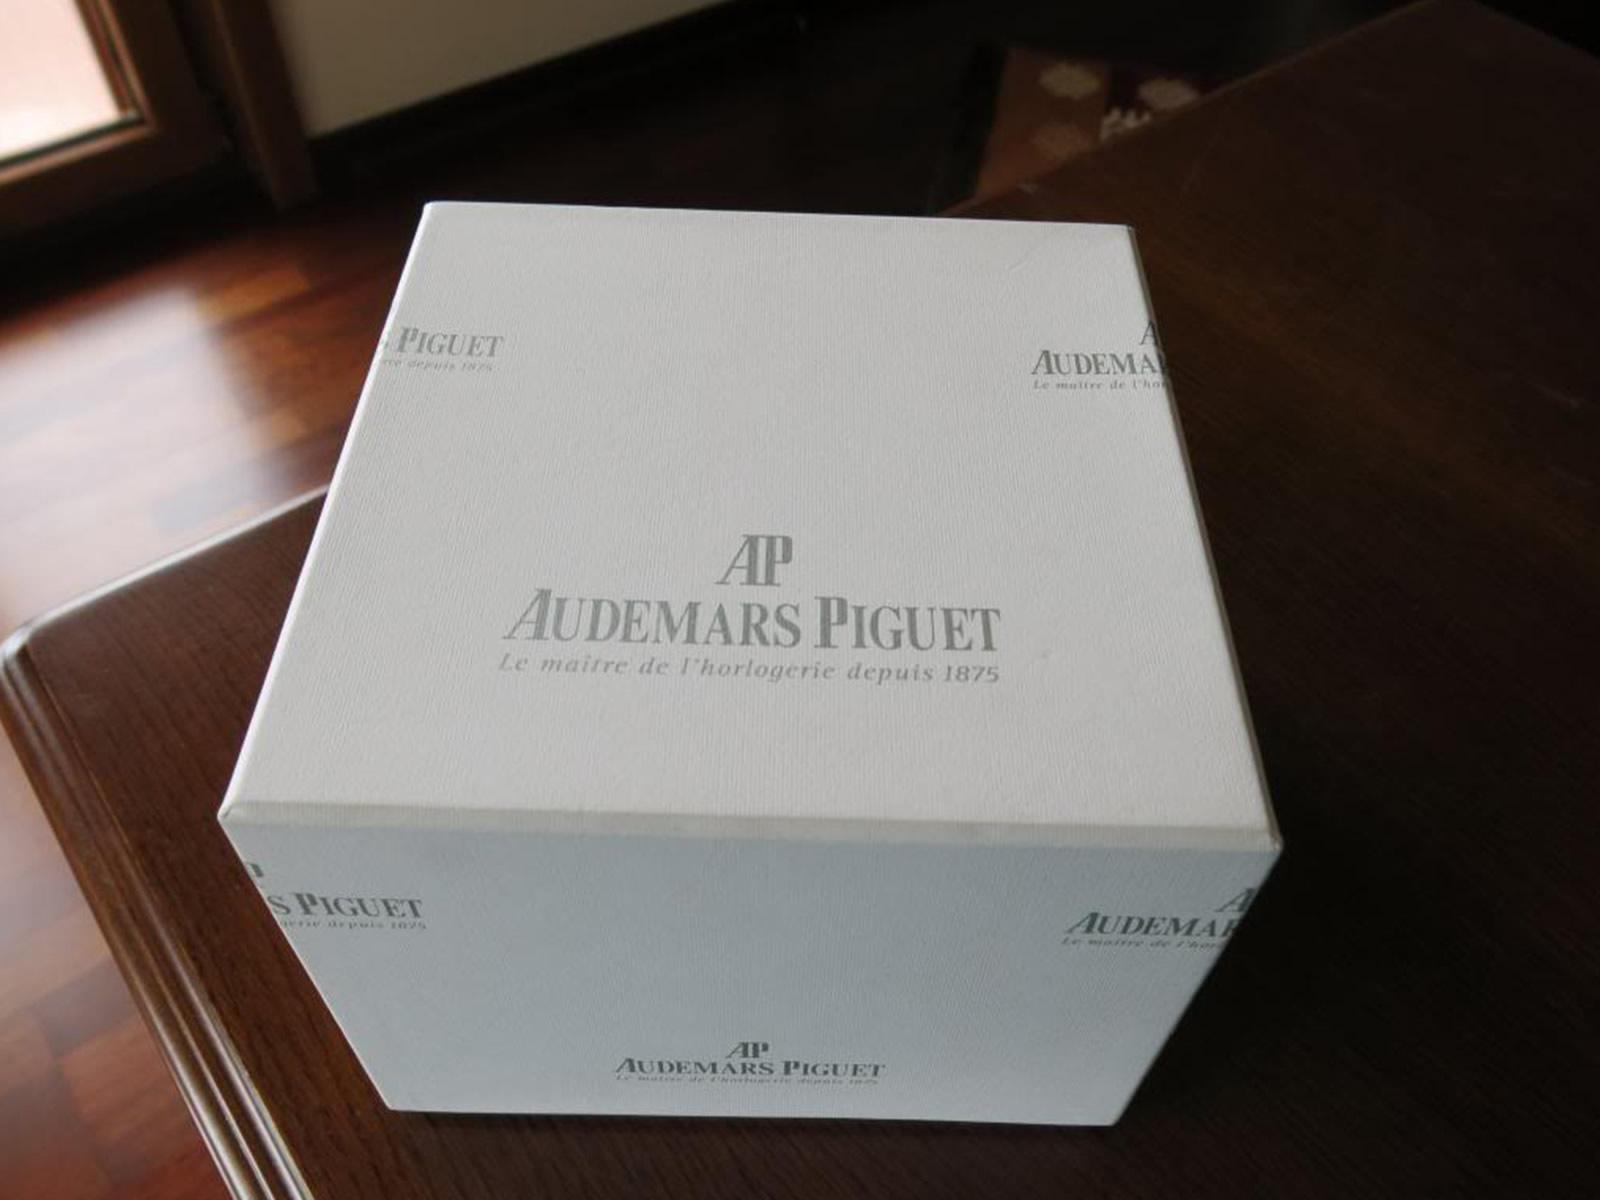 audemars-piguet-royal-oak-jumbo-2.jpg